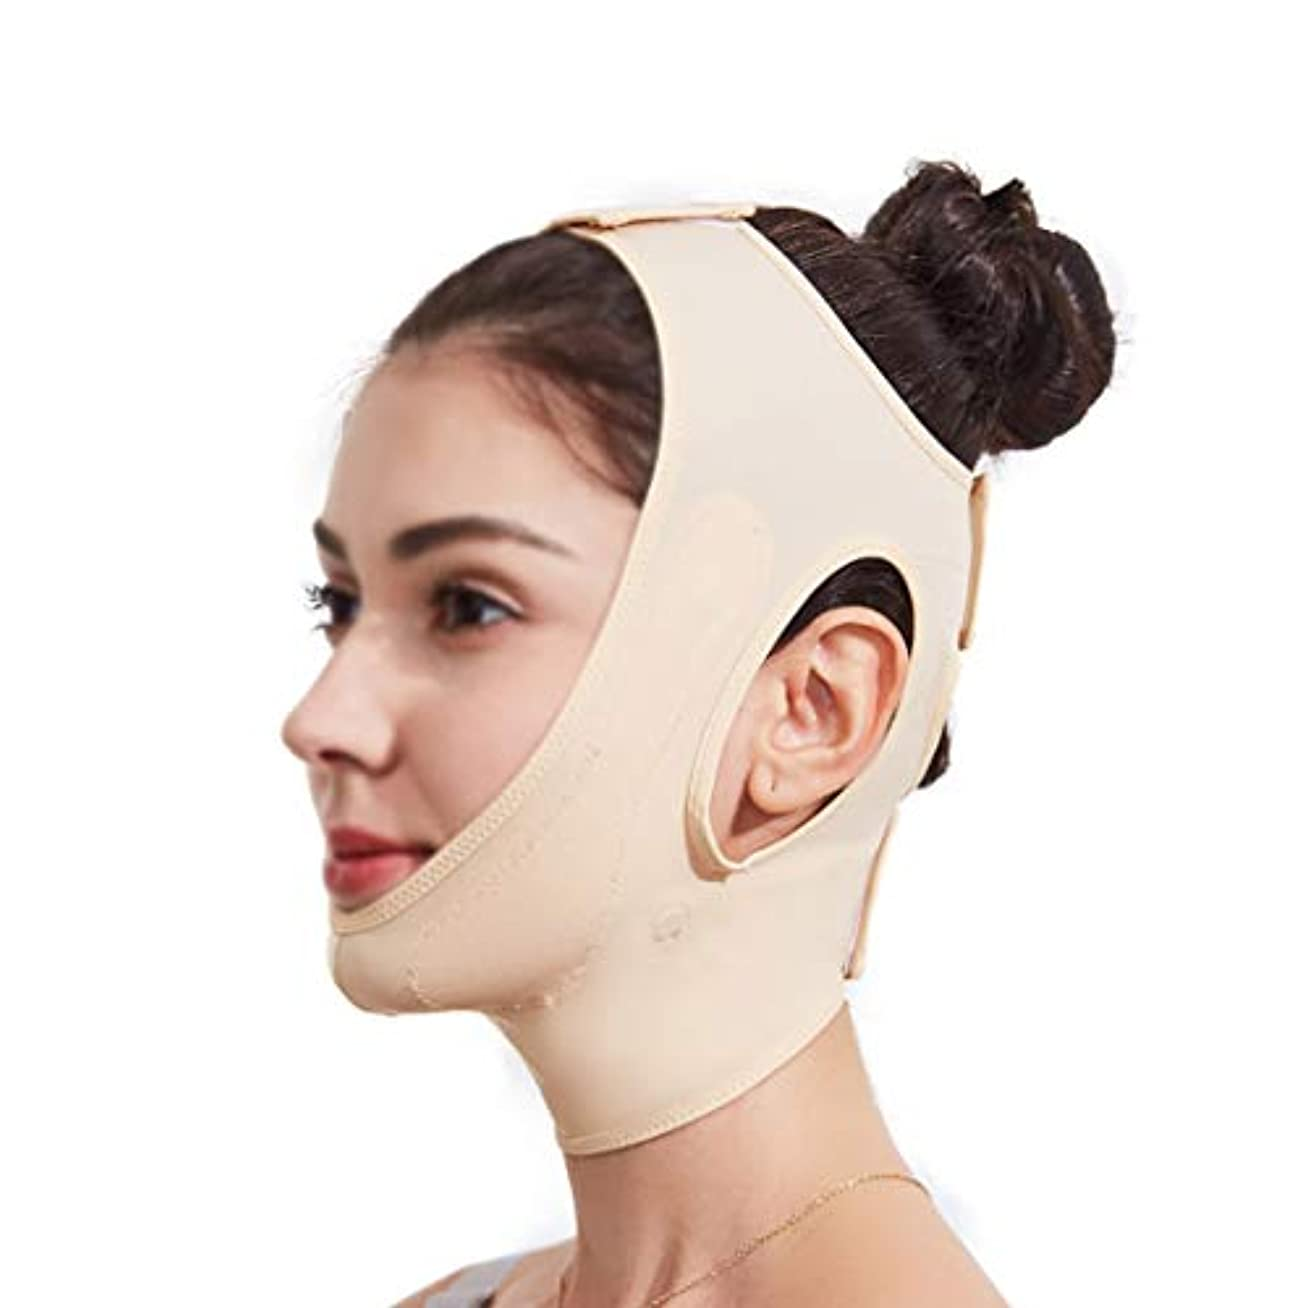 精度聖職者記念日MLX フェイスリフティングマスク、360°オールラウンドリフティングフェイシャルコンター、あごを閉じて肌を引き締め、快適でフェイスライトと通気性をサポート (Color : Skin color)